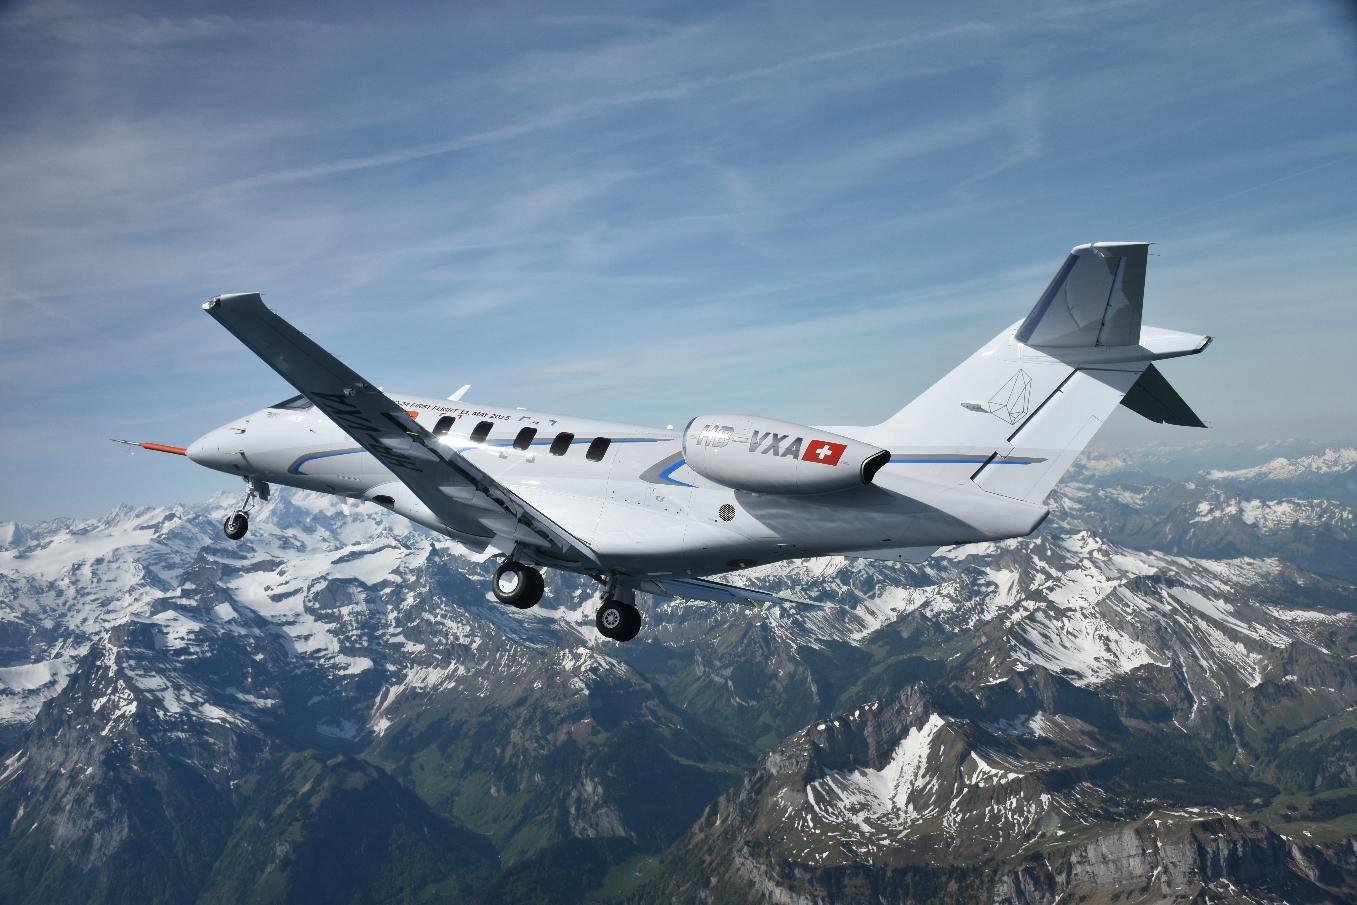 Le troisième PC-24 rejoint les essais en vol